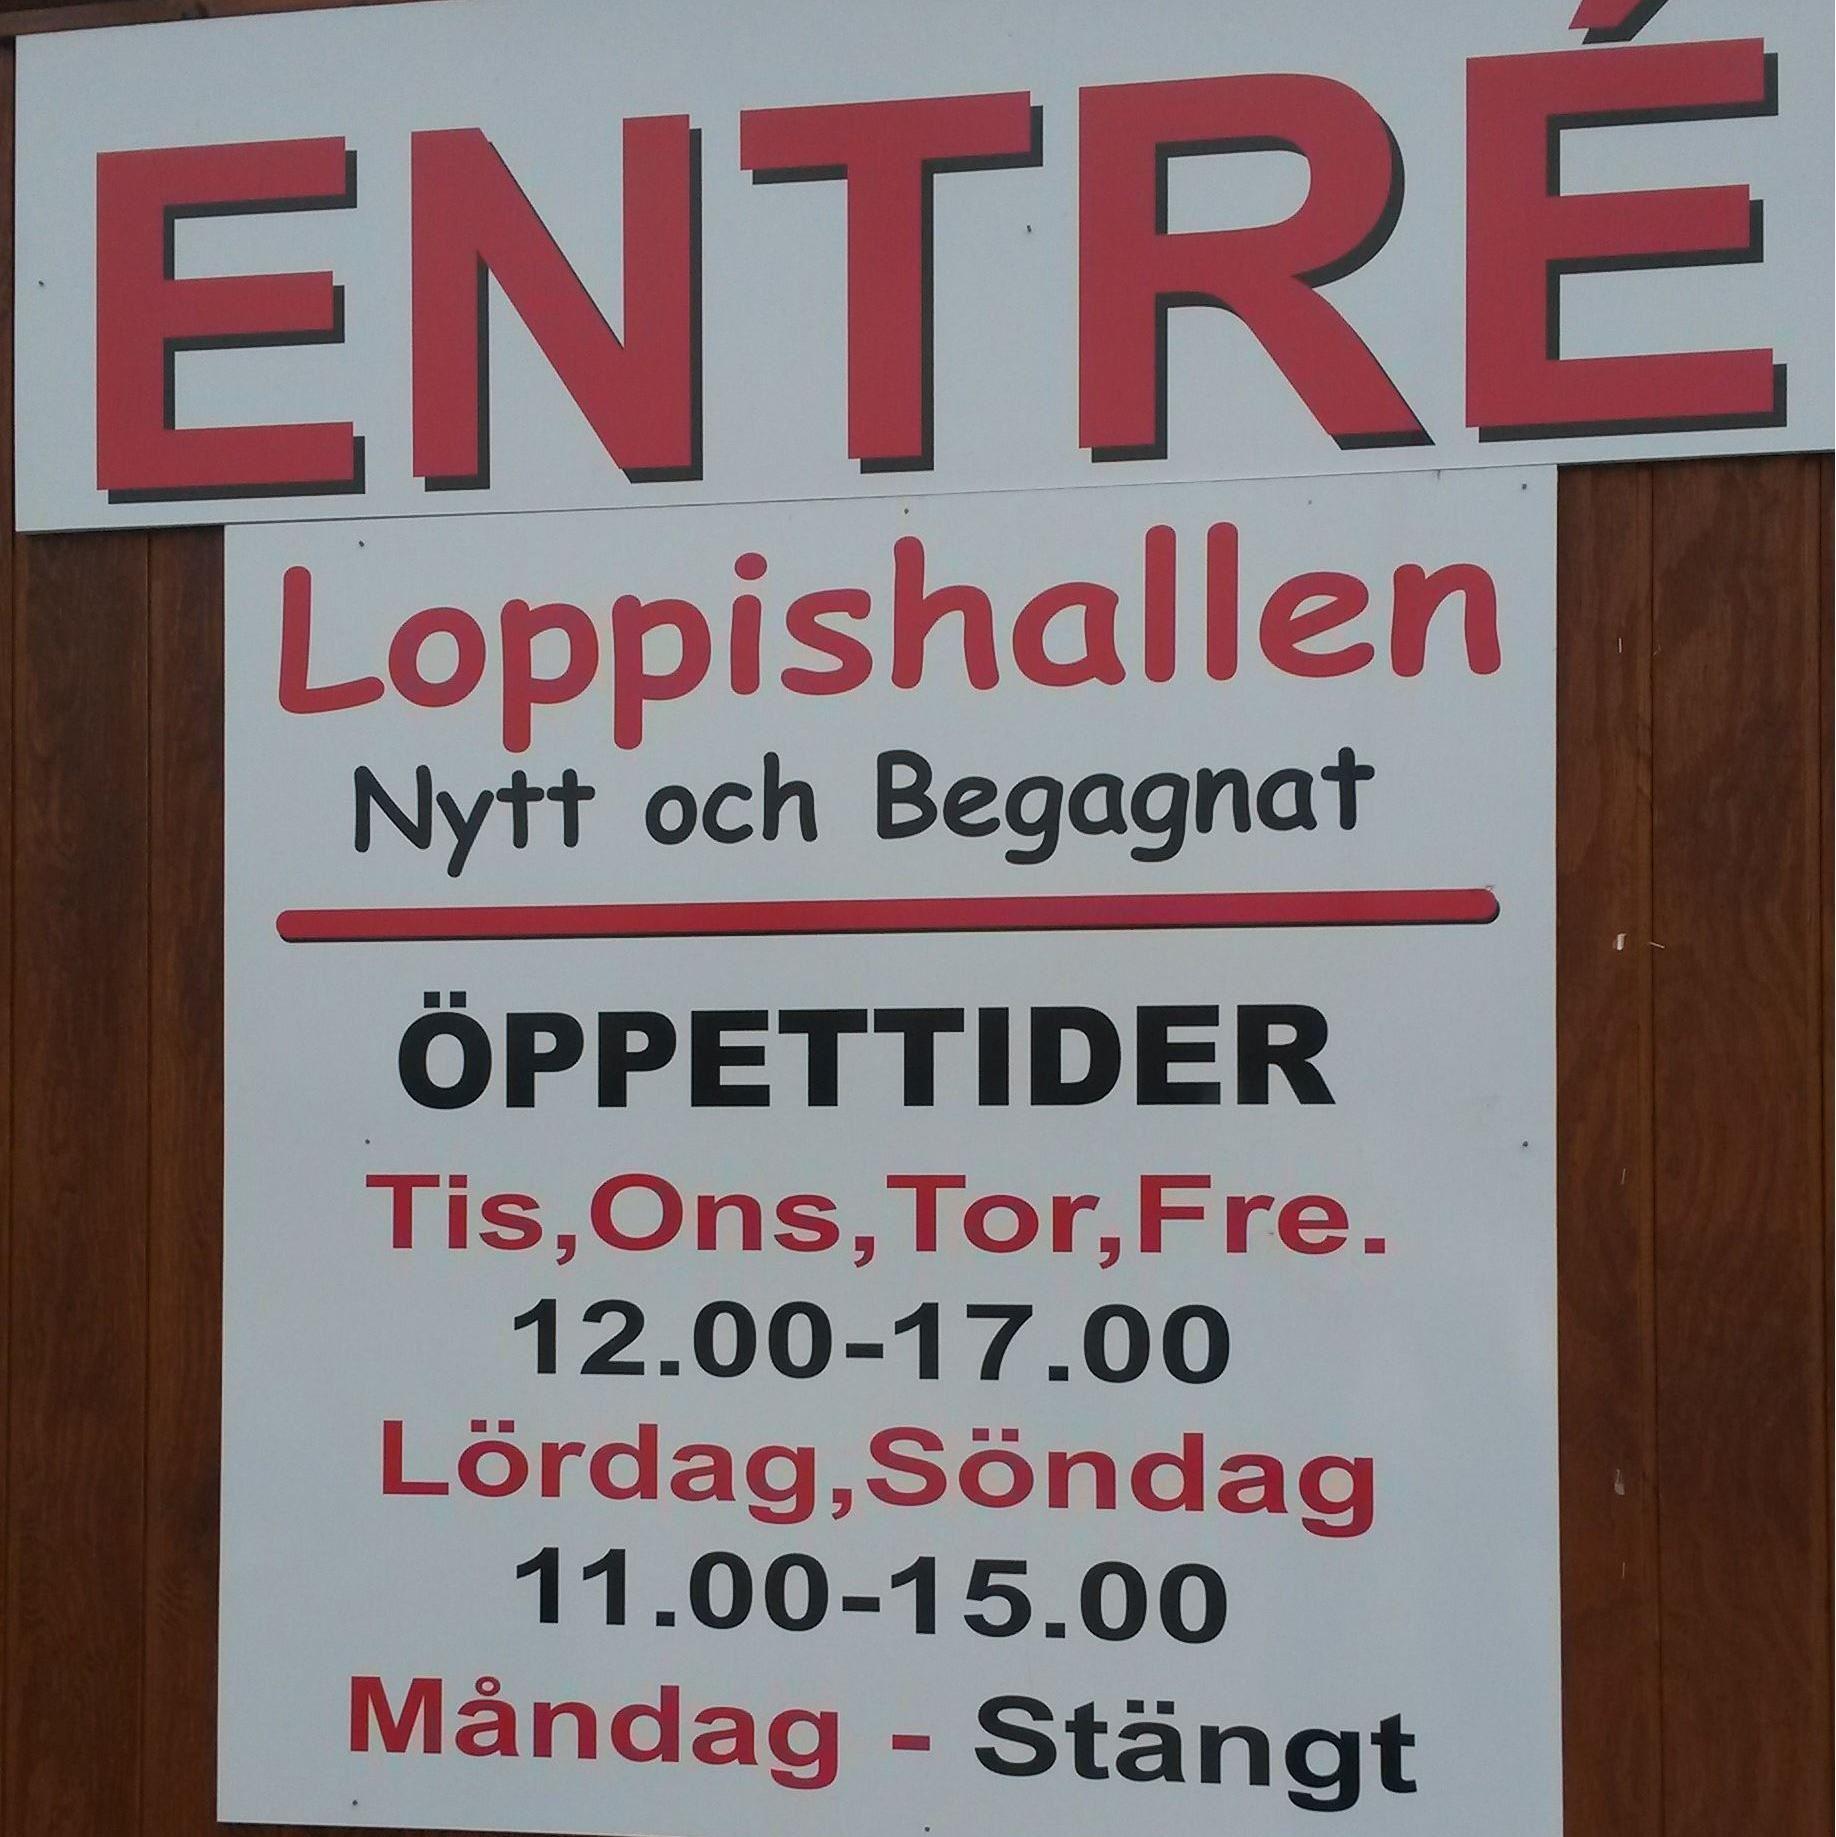 Loppishallen i Gagnef